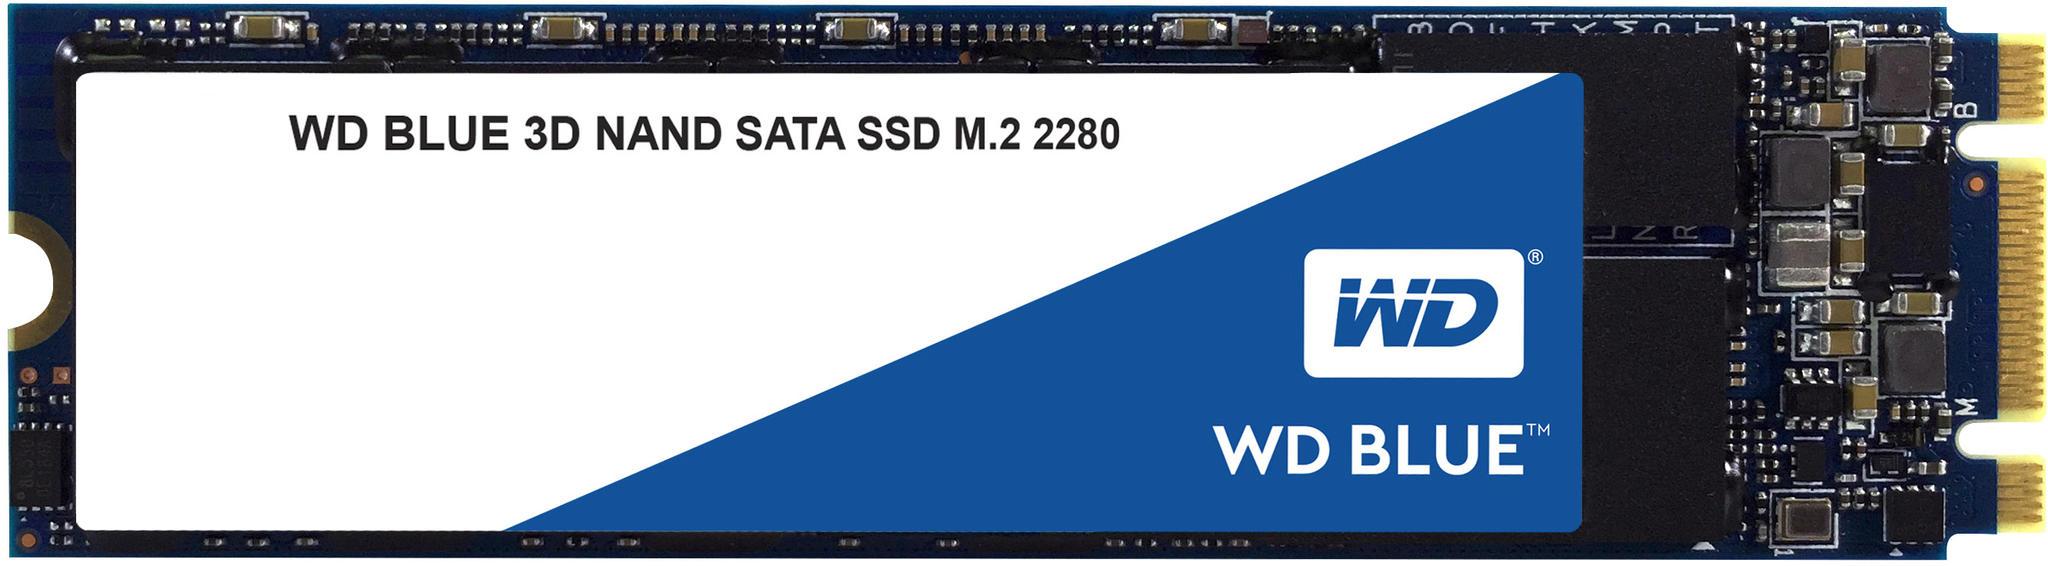 WD Blue 3D Nand 250GB M.2